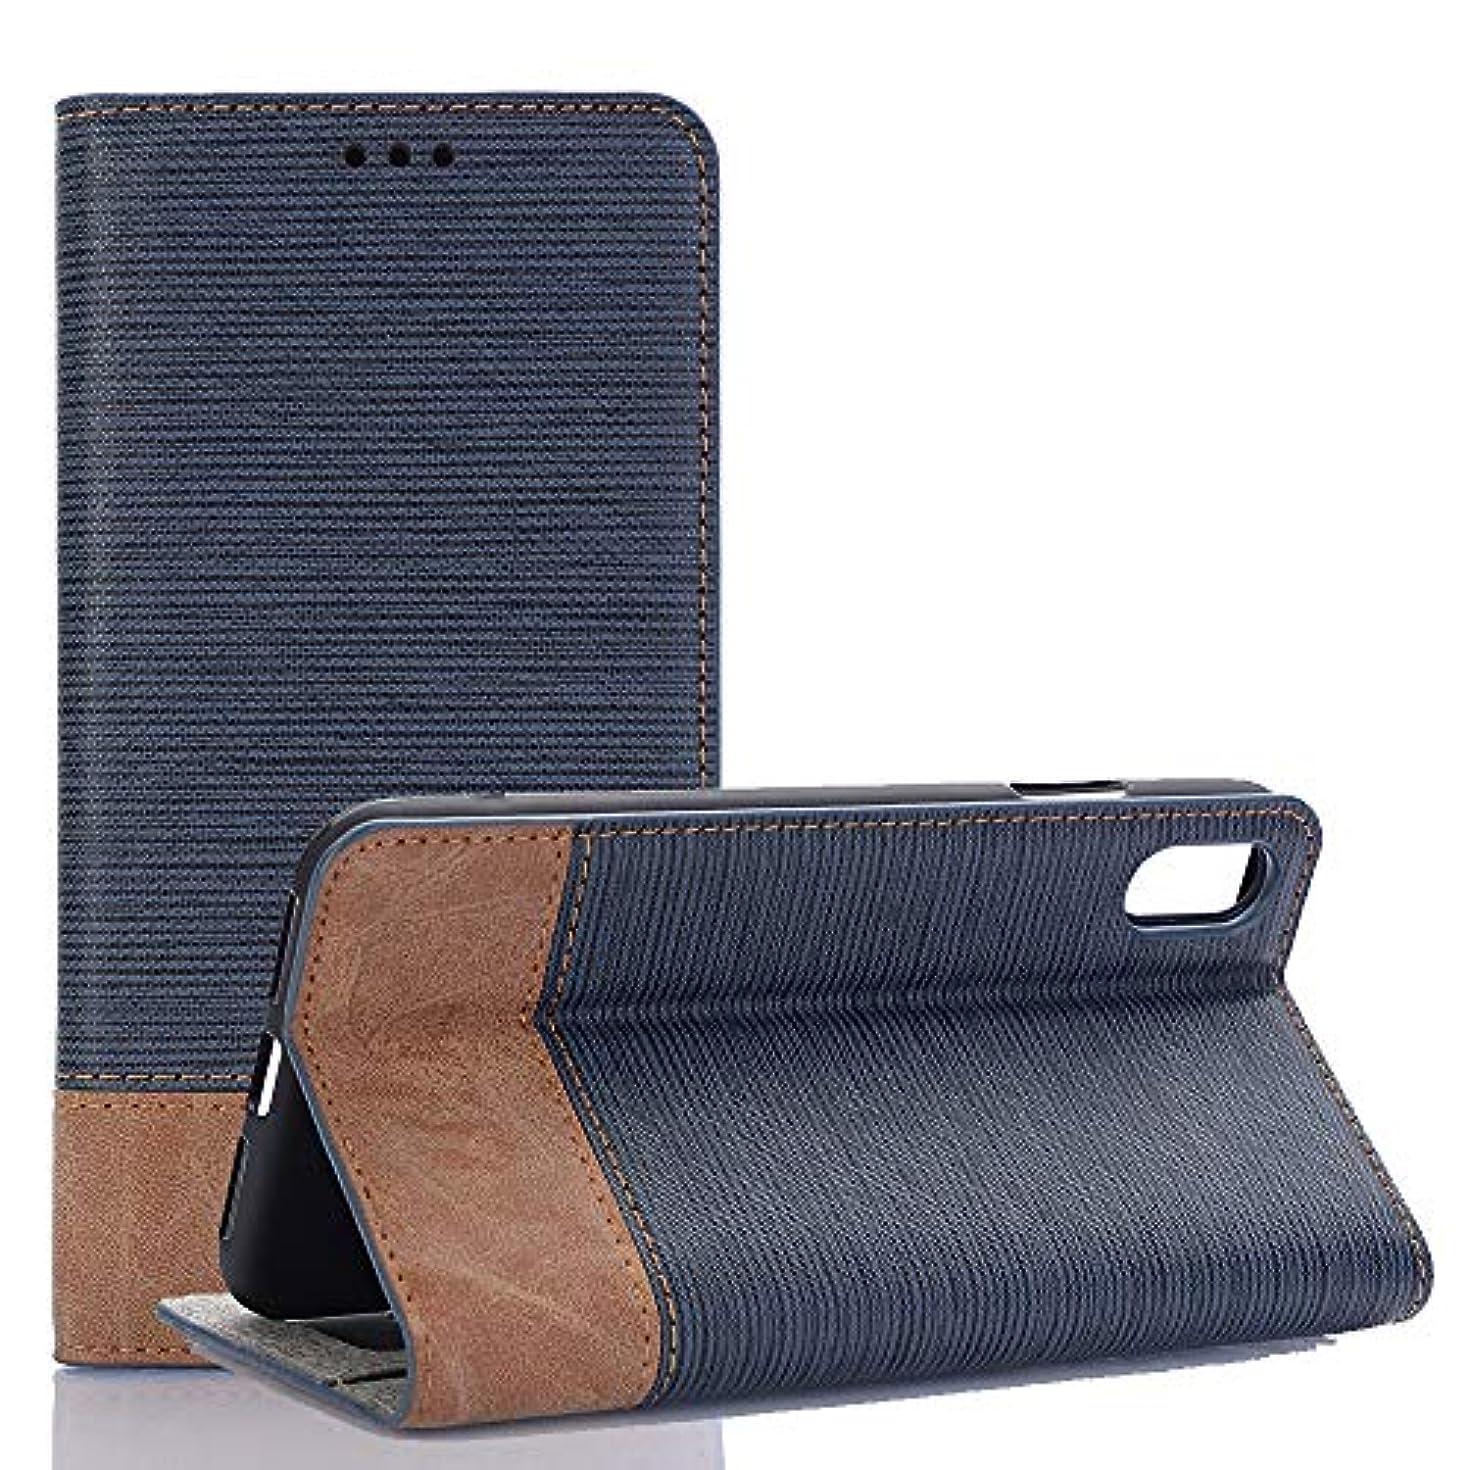 重要な役割を果たす、中心的な手段となる達成清めるGalaxy S9 ケース、INorton 本革ケース 全面保護 衝撃吸収 スタンド機能 カード収納 手帳型 スマートケース Galaxy S9対応